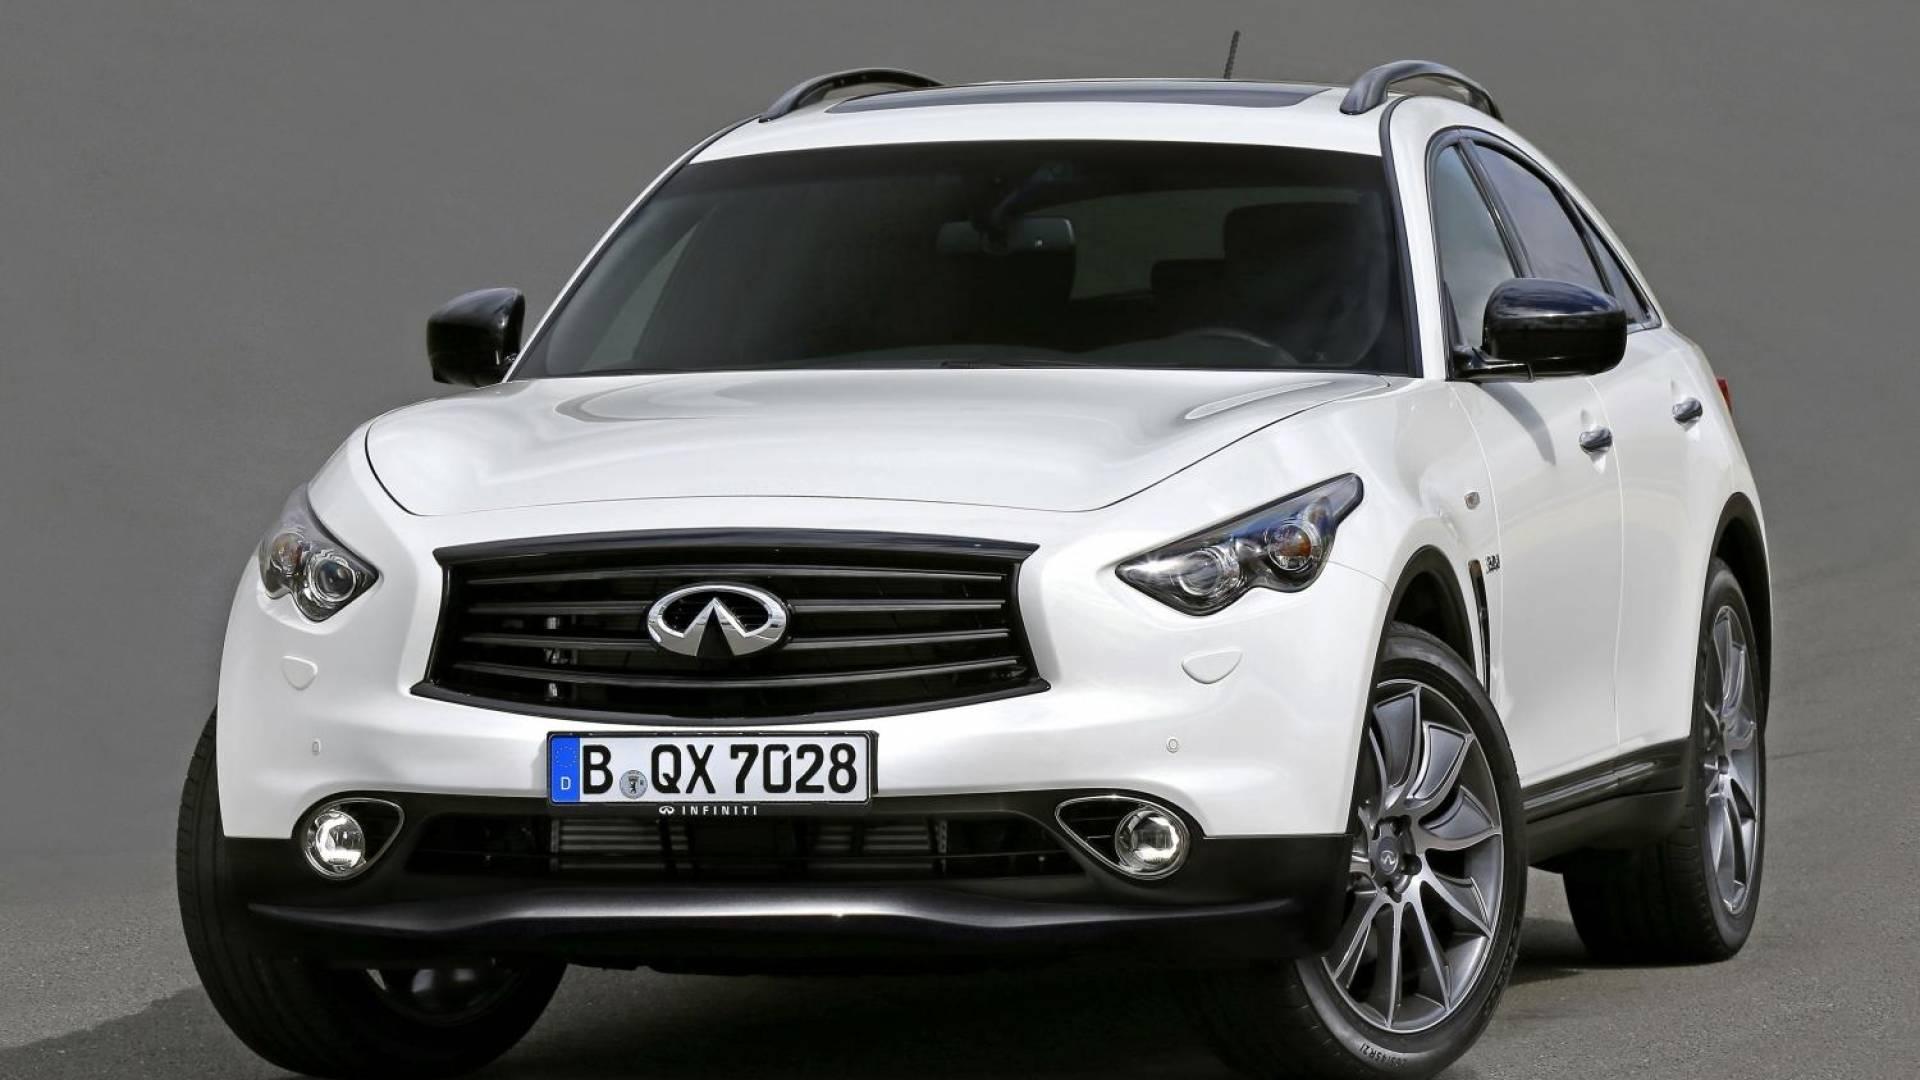 infiniti - coches, precios y noticias de la marca | diariomotor